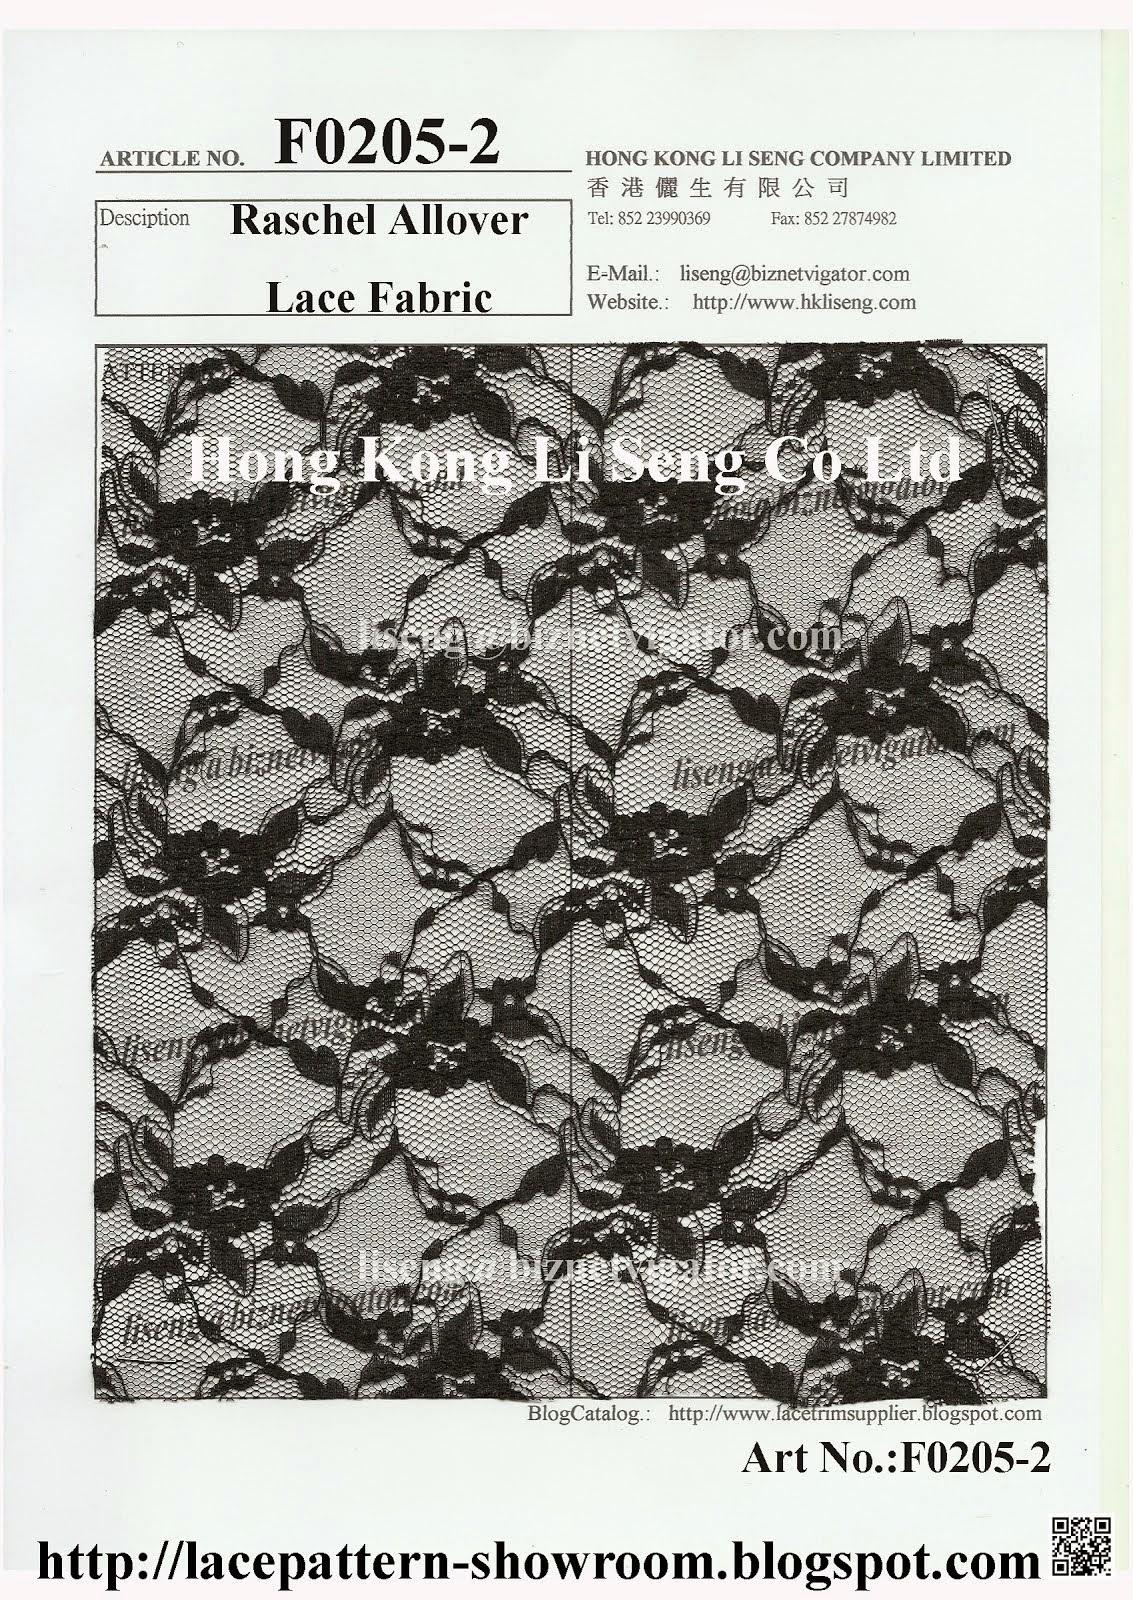 New Raschal Allover Lace Fabric Manufacturer - Hong Kong Li Seng Co Ltd